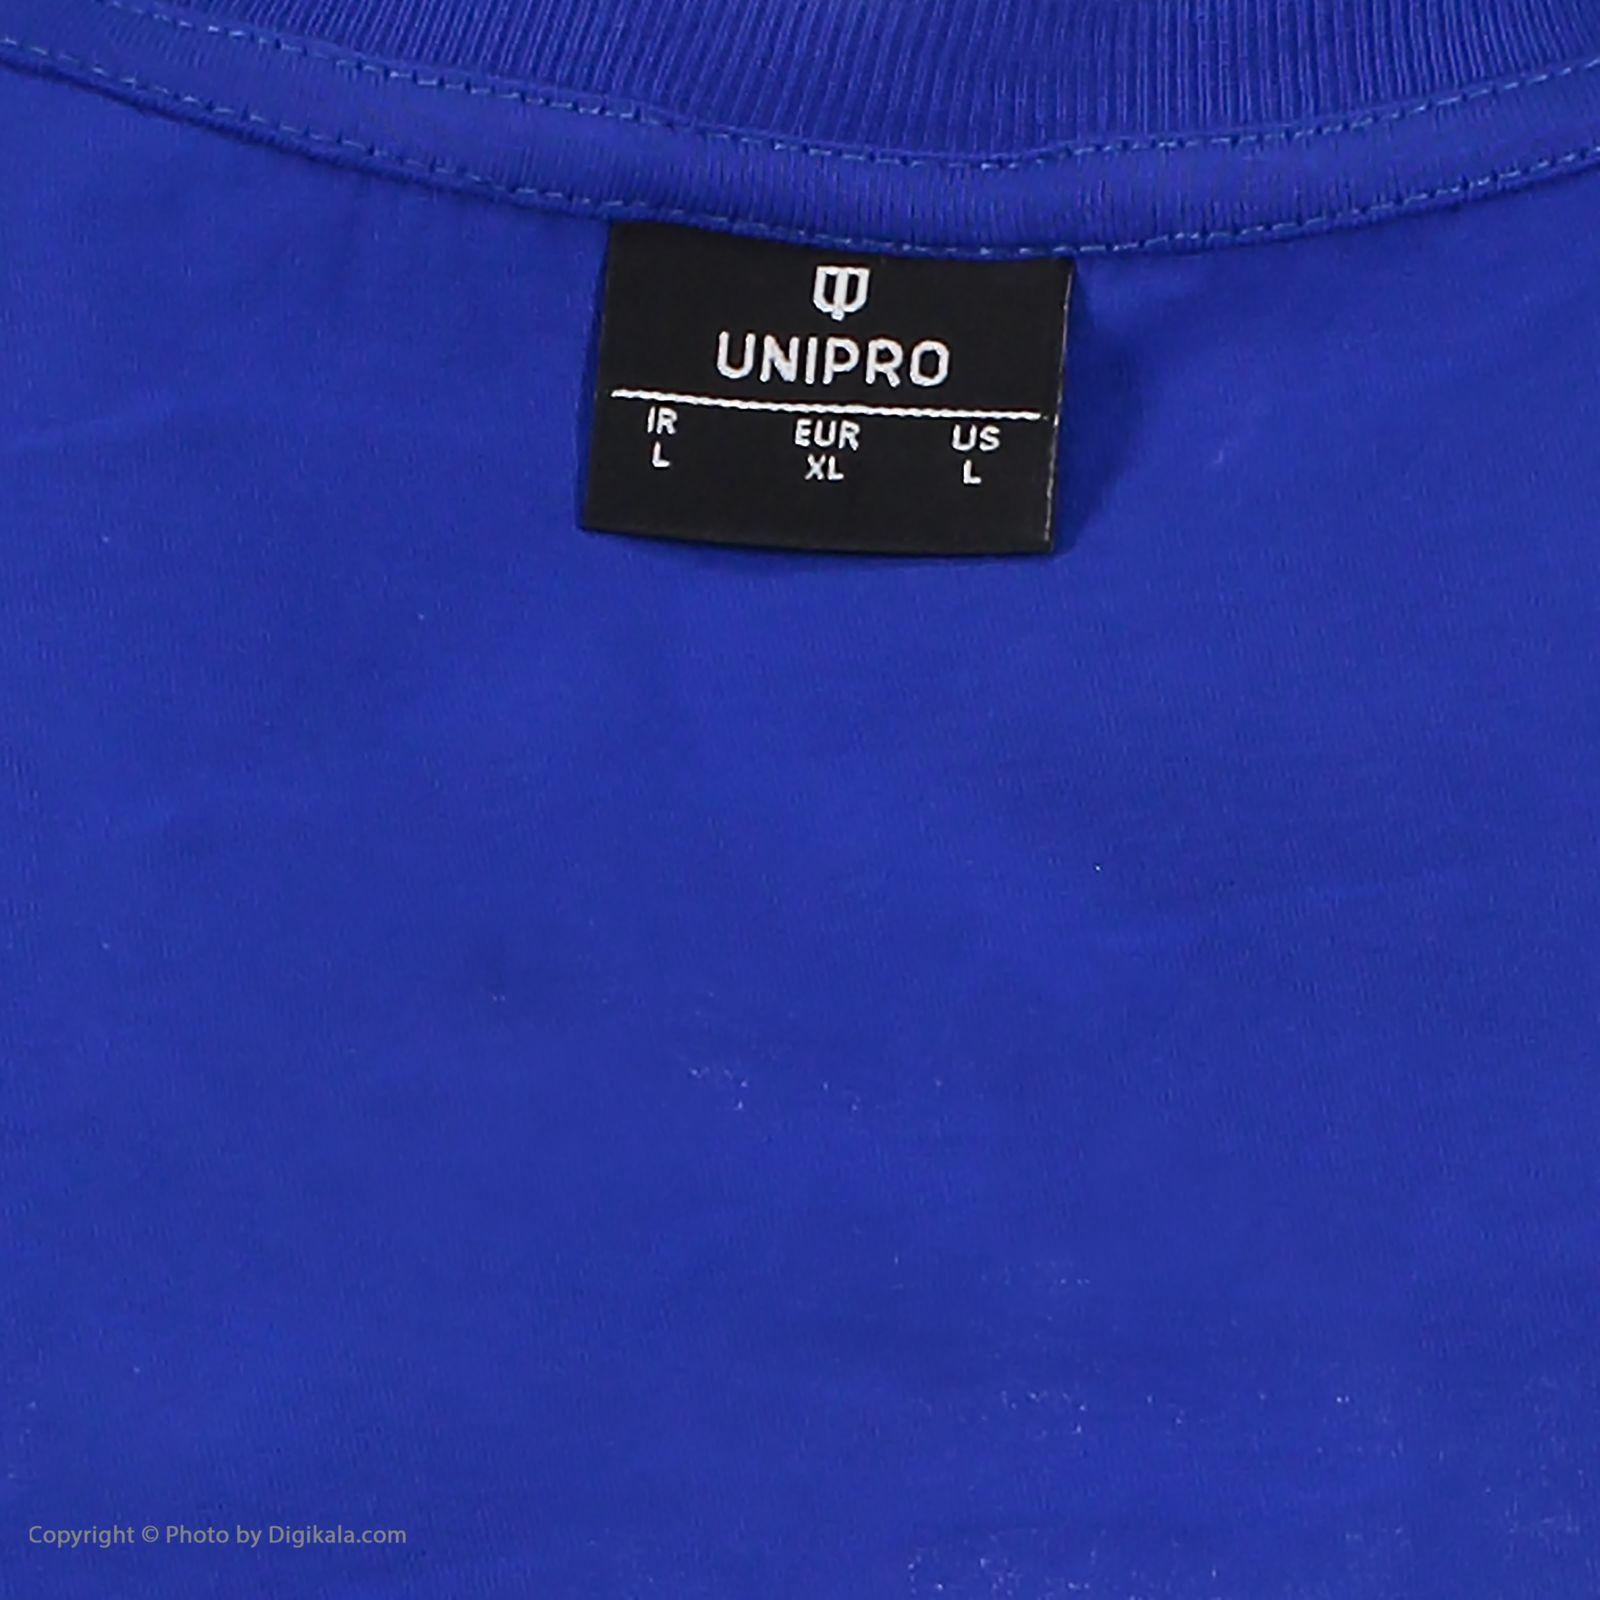 تی شرت ورزشی مردانه یونی پرو مدل 914119322-10 -  - 6